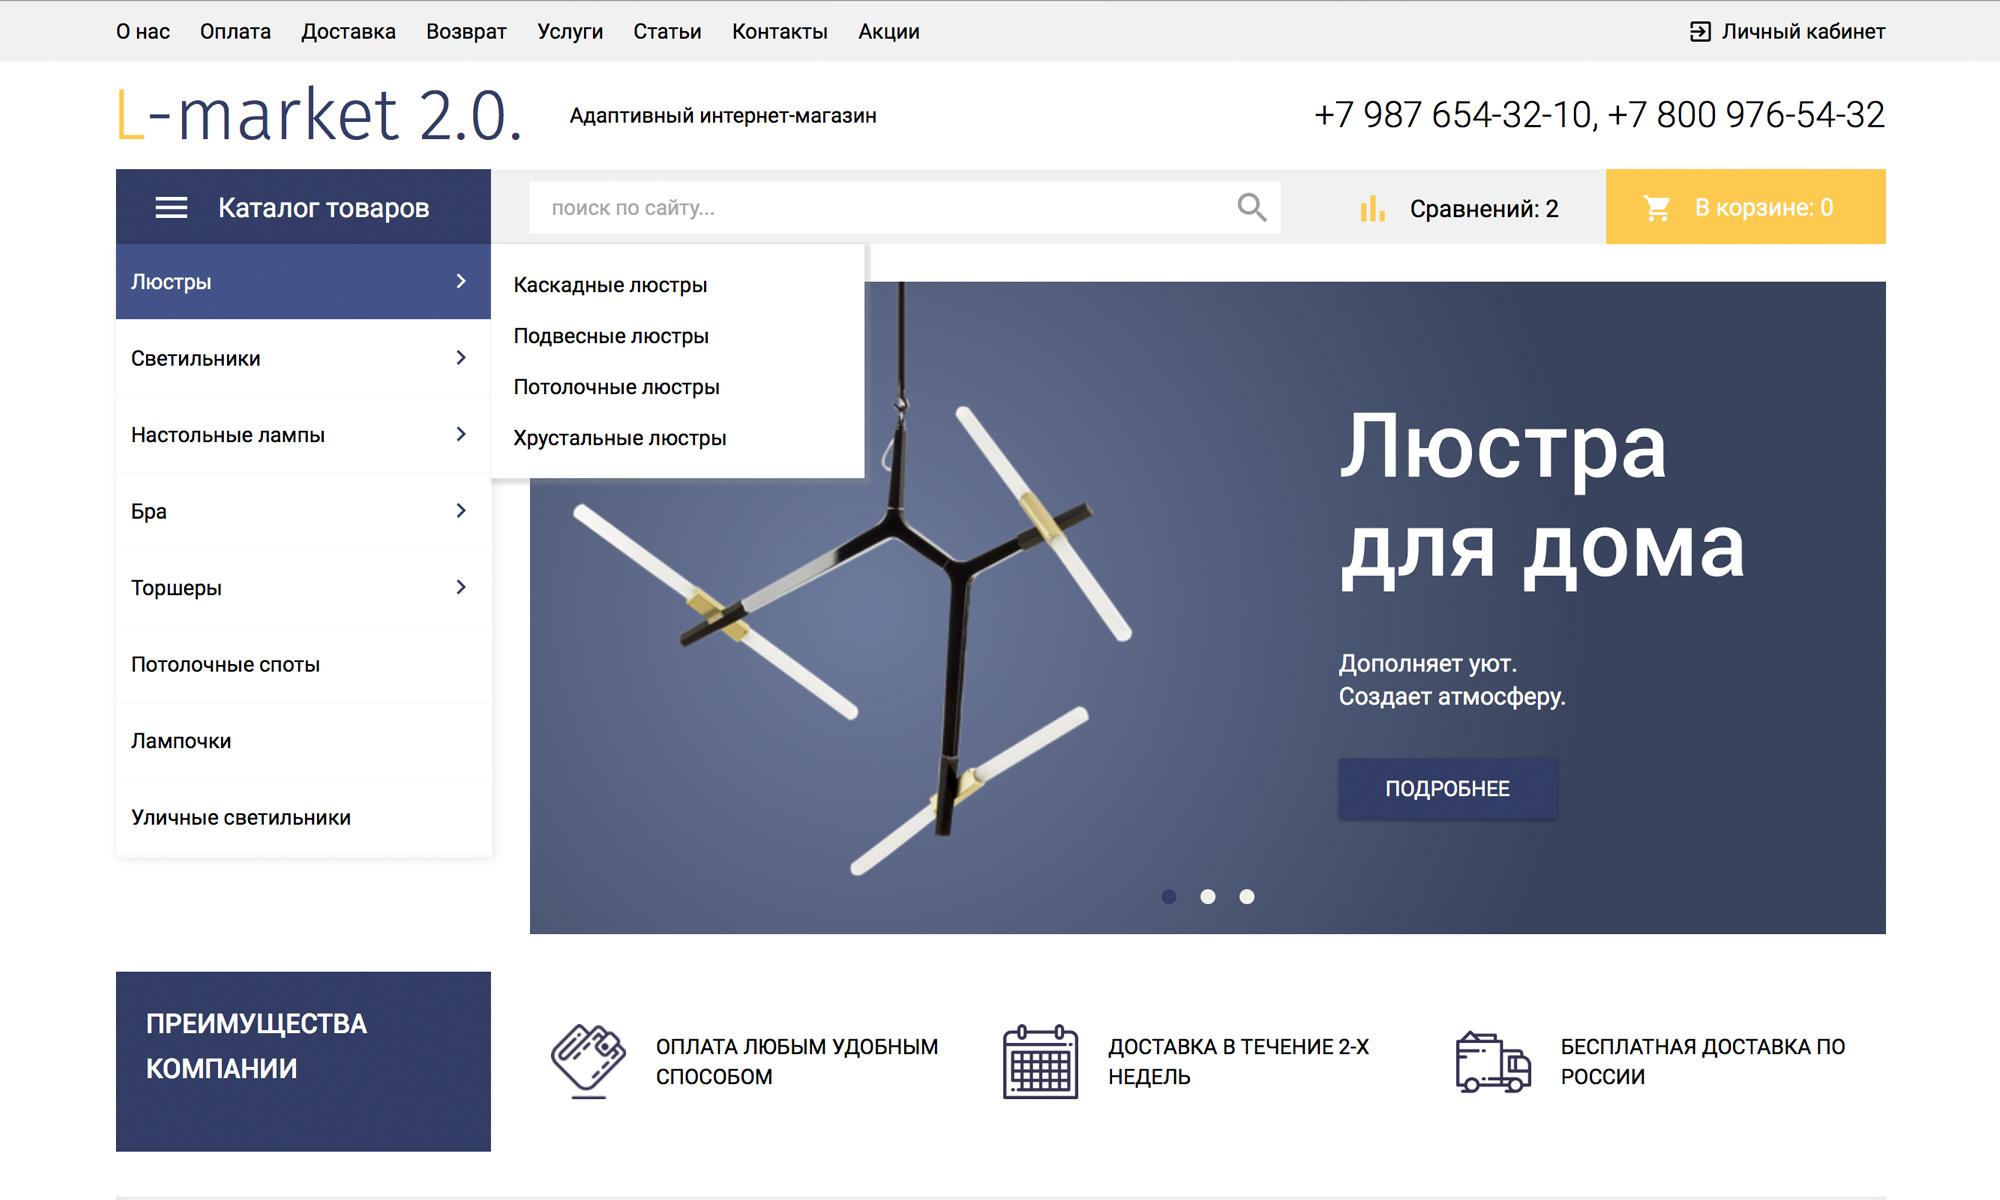 22a680242a2 ... Адаптивный интернет-магазин товаров для света